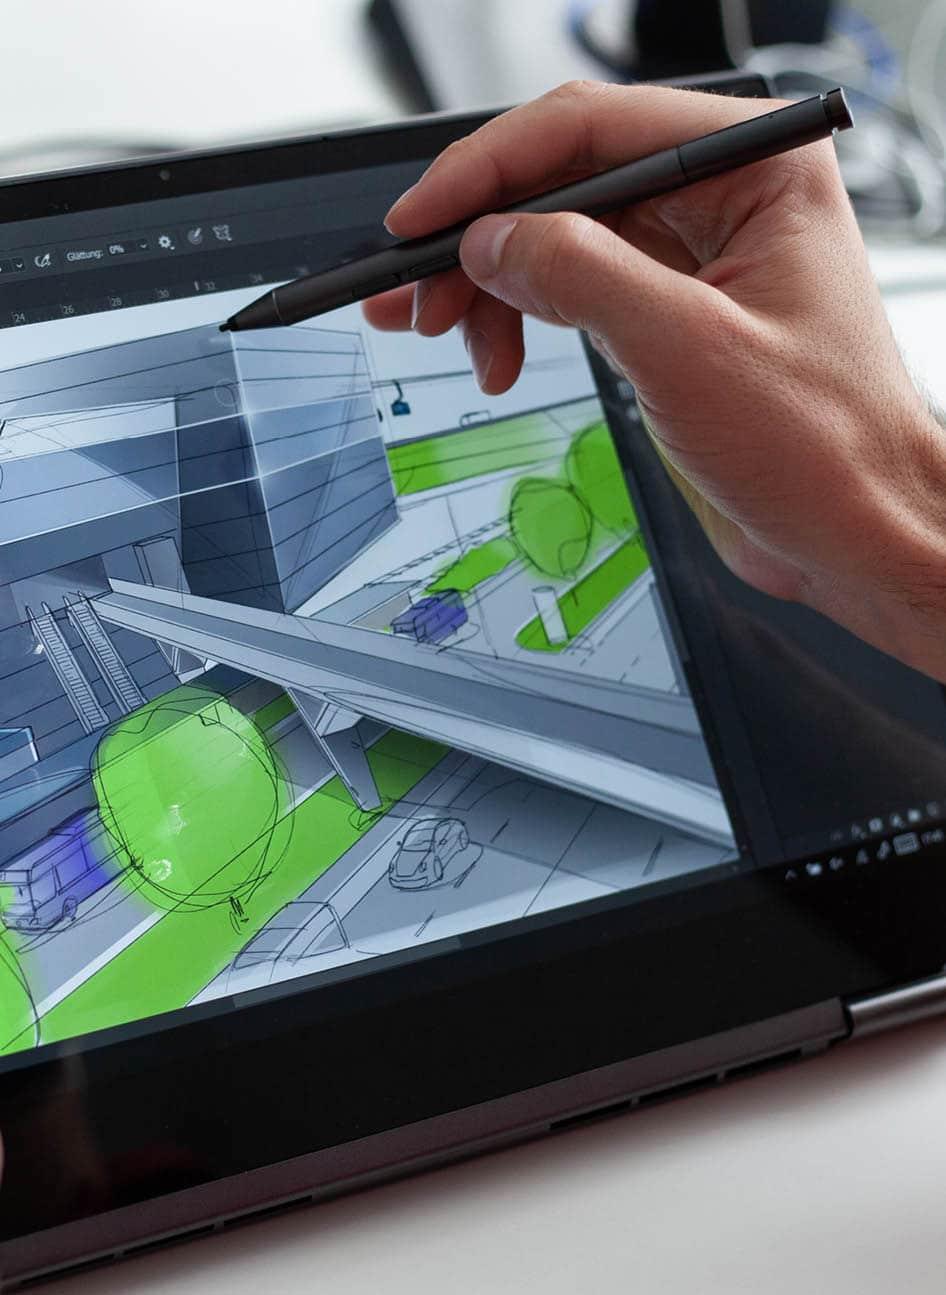 Architektur Zeichnung auf Grafiktablett